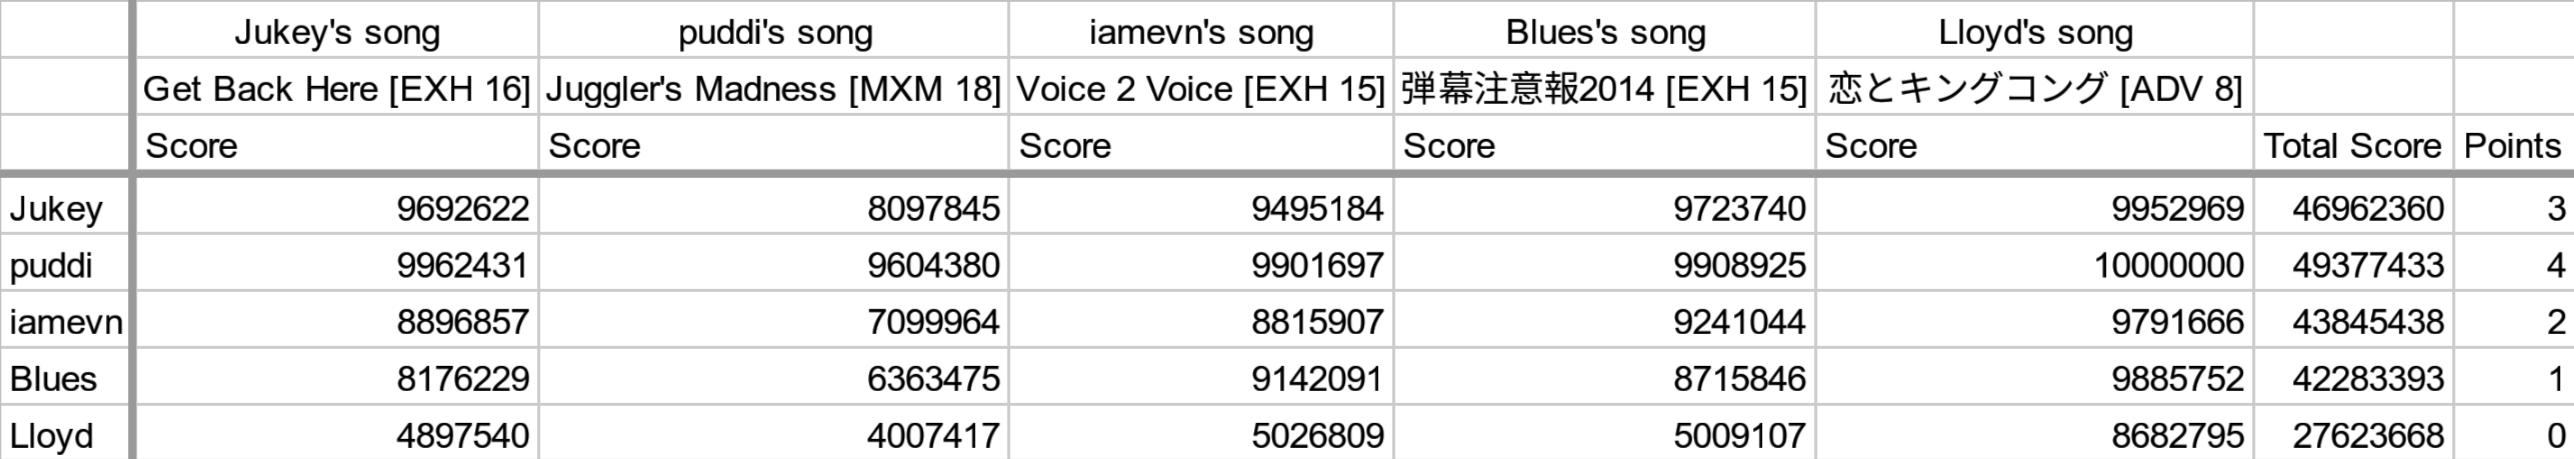 BSS-SDVX-scores